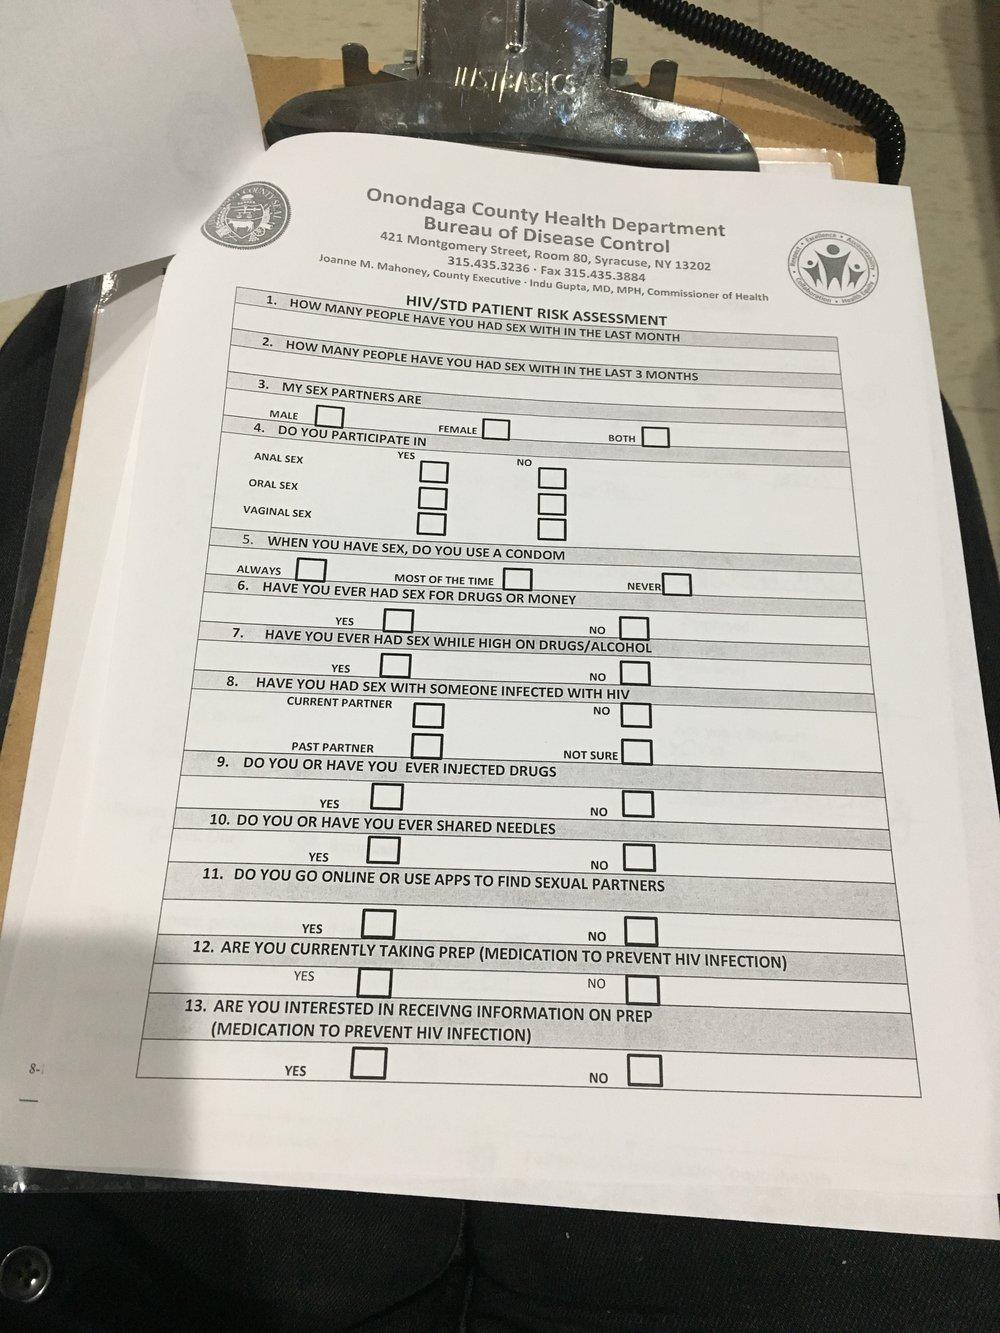 Patient risk assesment form